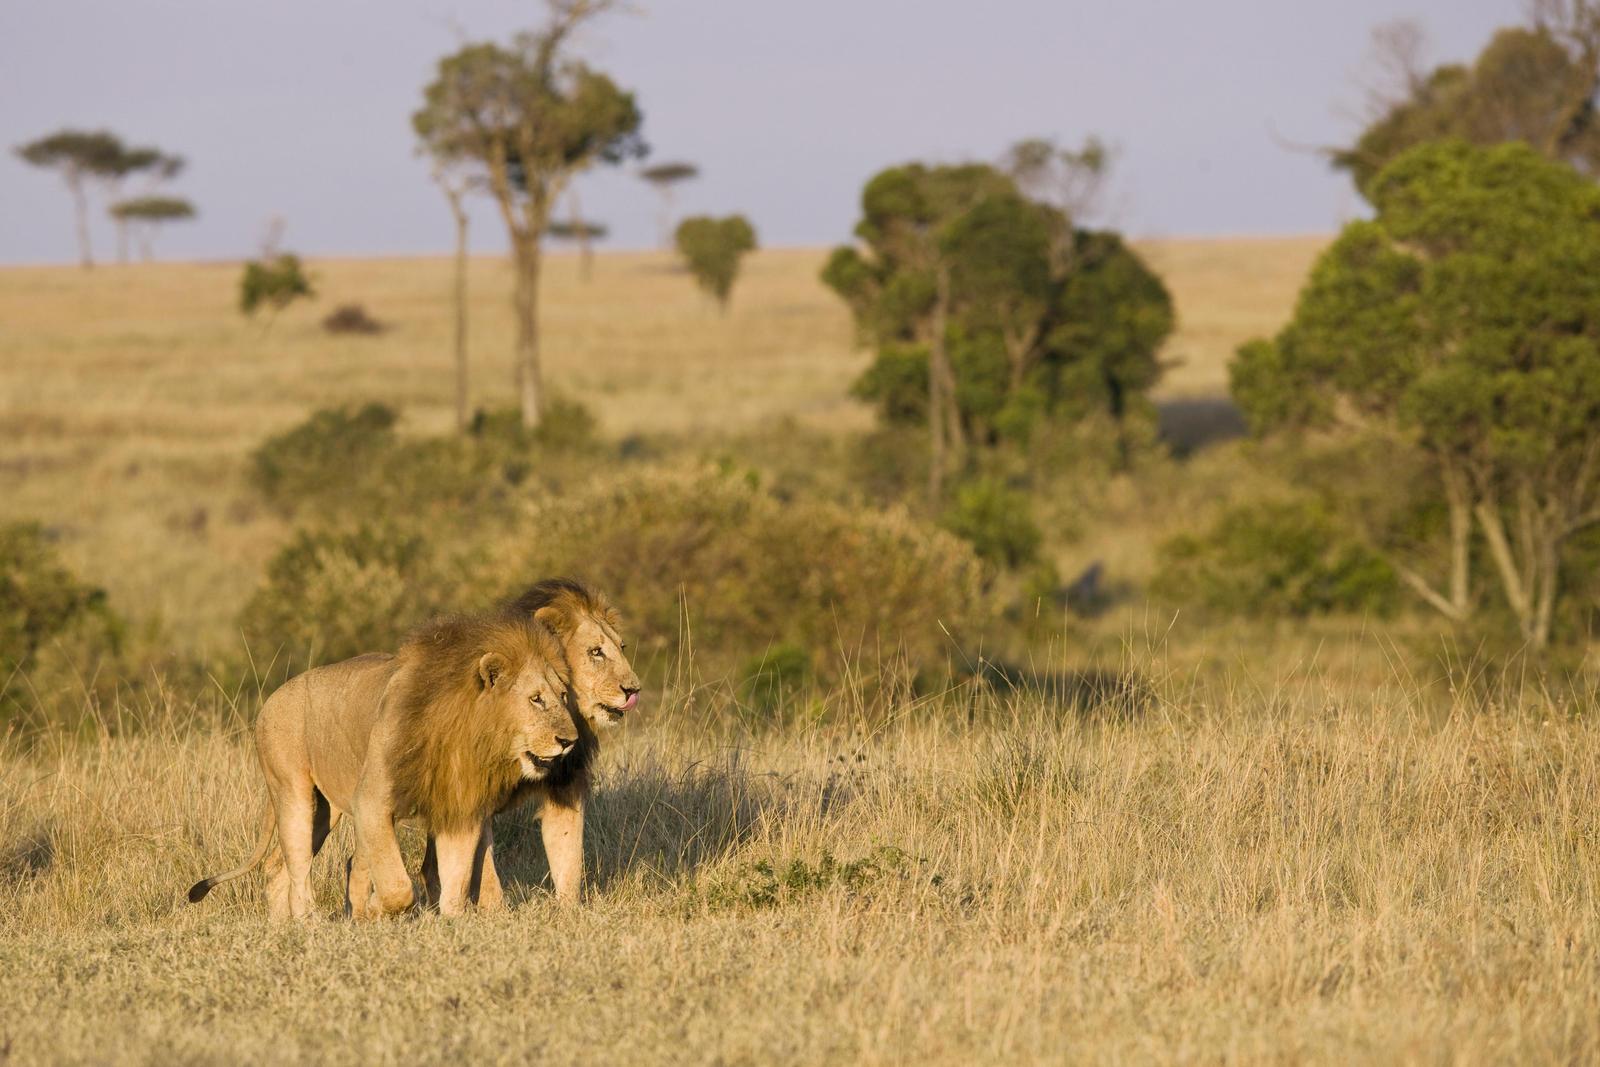 Two male lions walking